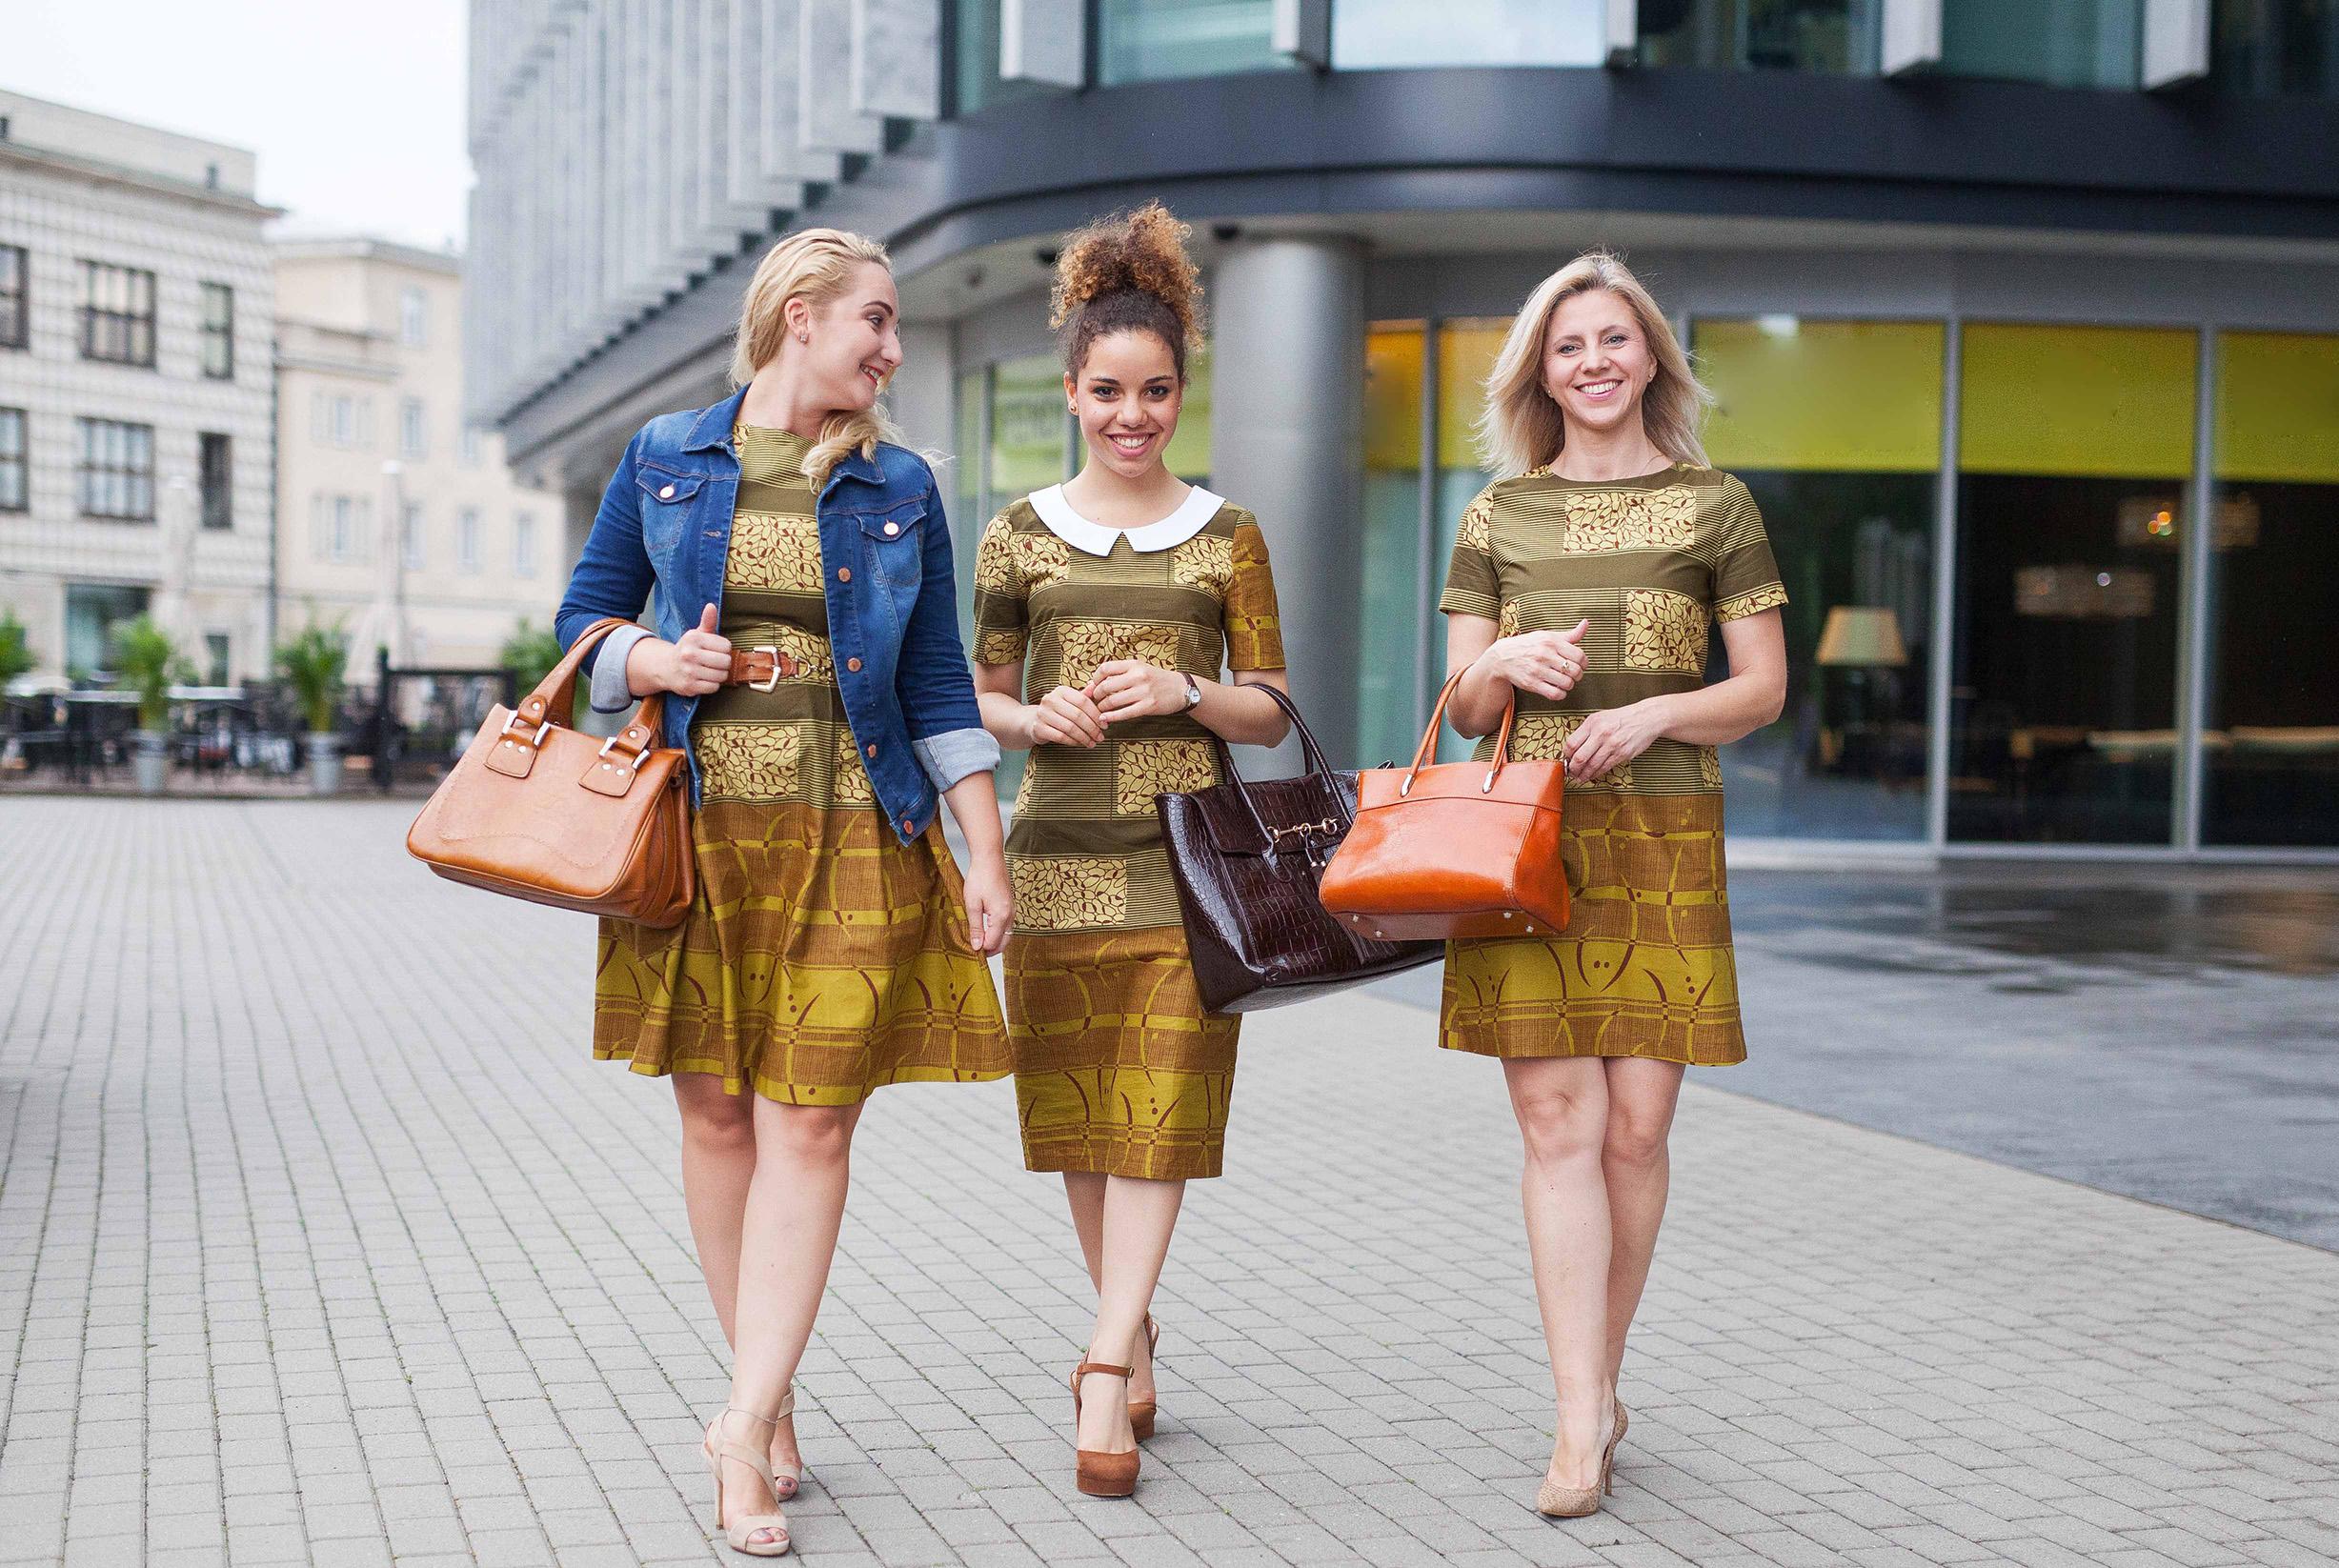 Taye-africanprint-skirts-standout-woman-fashion